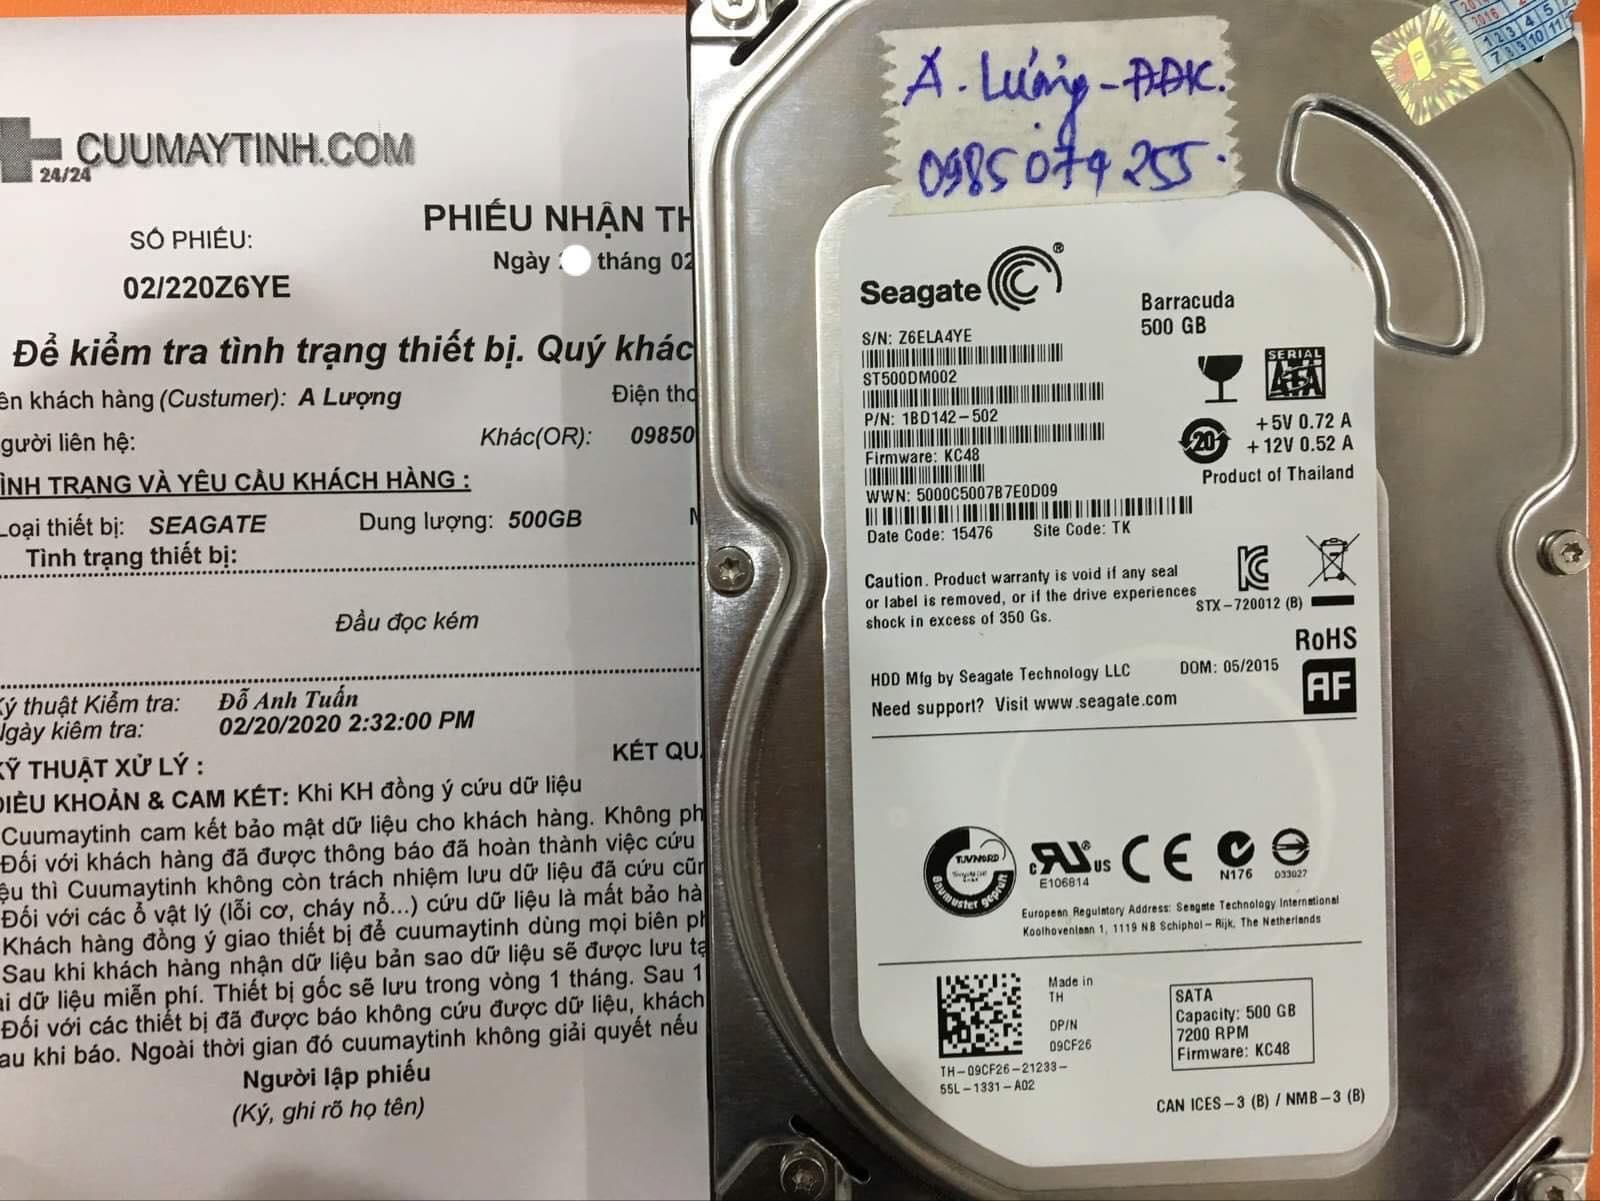 Lấy dữ liệu ổ cứng Seagate 500GB đầu đọc kém 21/02/2020 - cuumaytinh